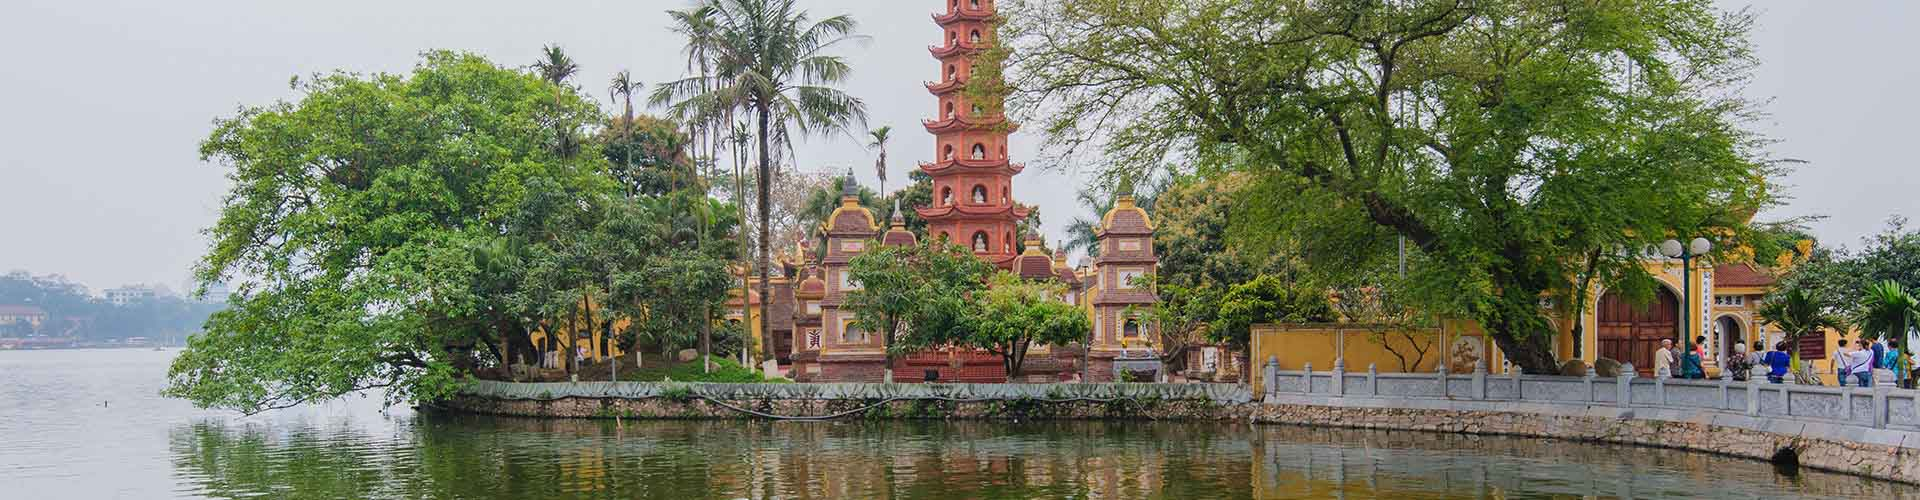 Hanoi - Ifjúsági Szállások Hanoiben. Hanoi térképek, fotók és ajánlások minden egyes ifjúsági szállásokra Hanoi-ben.